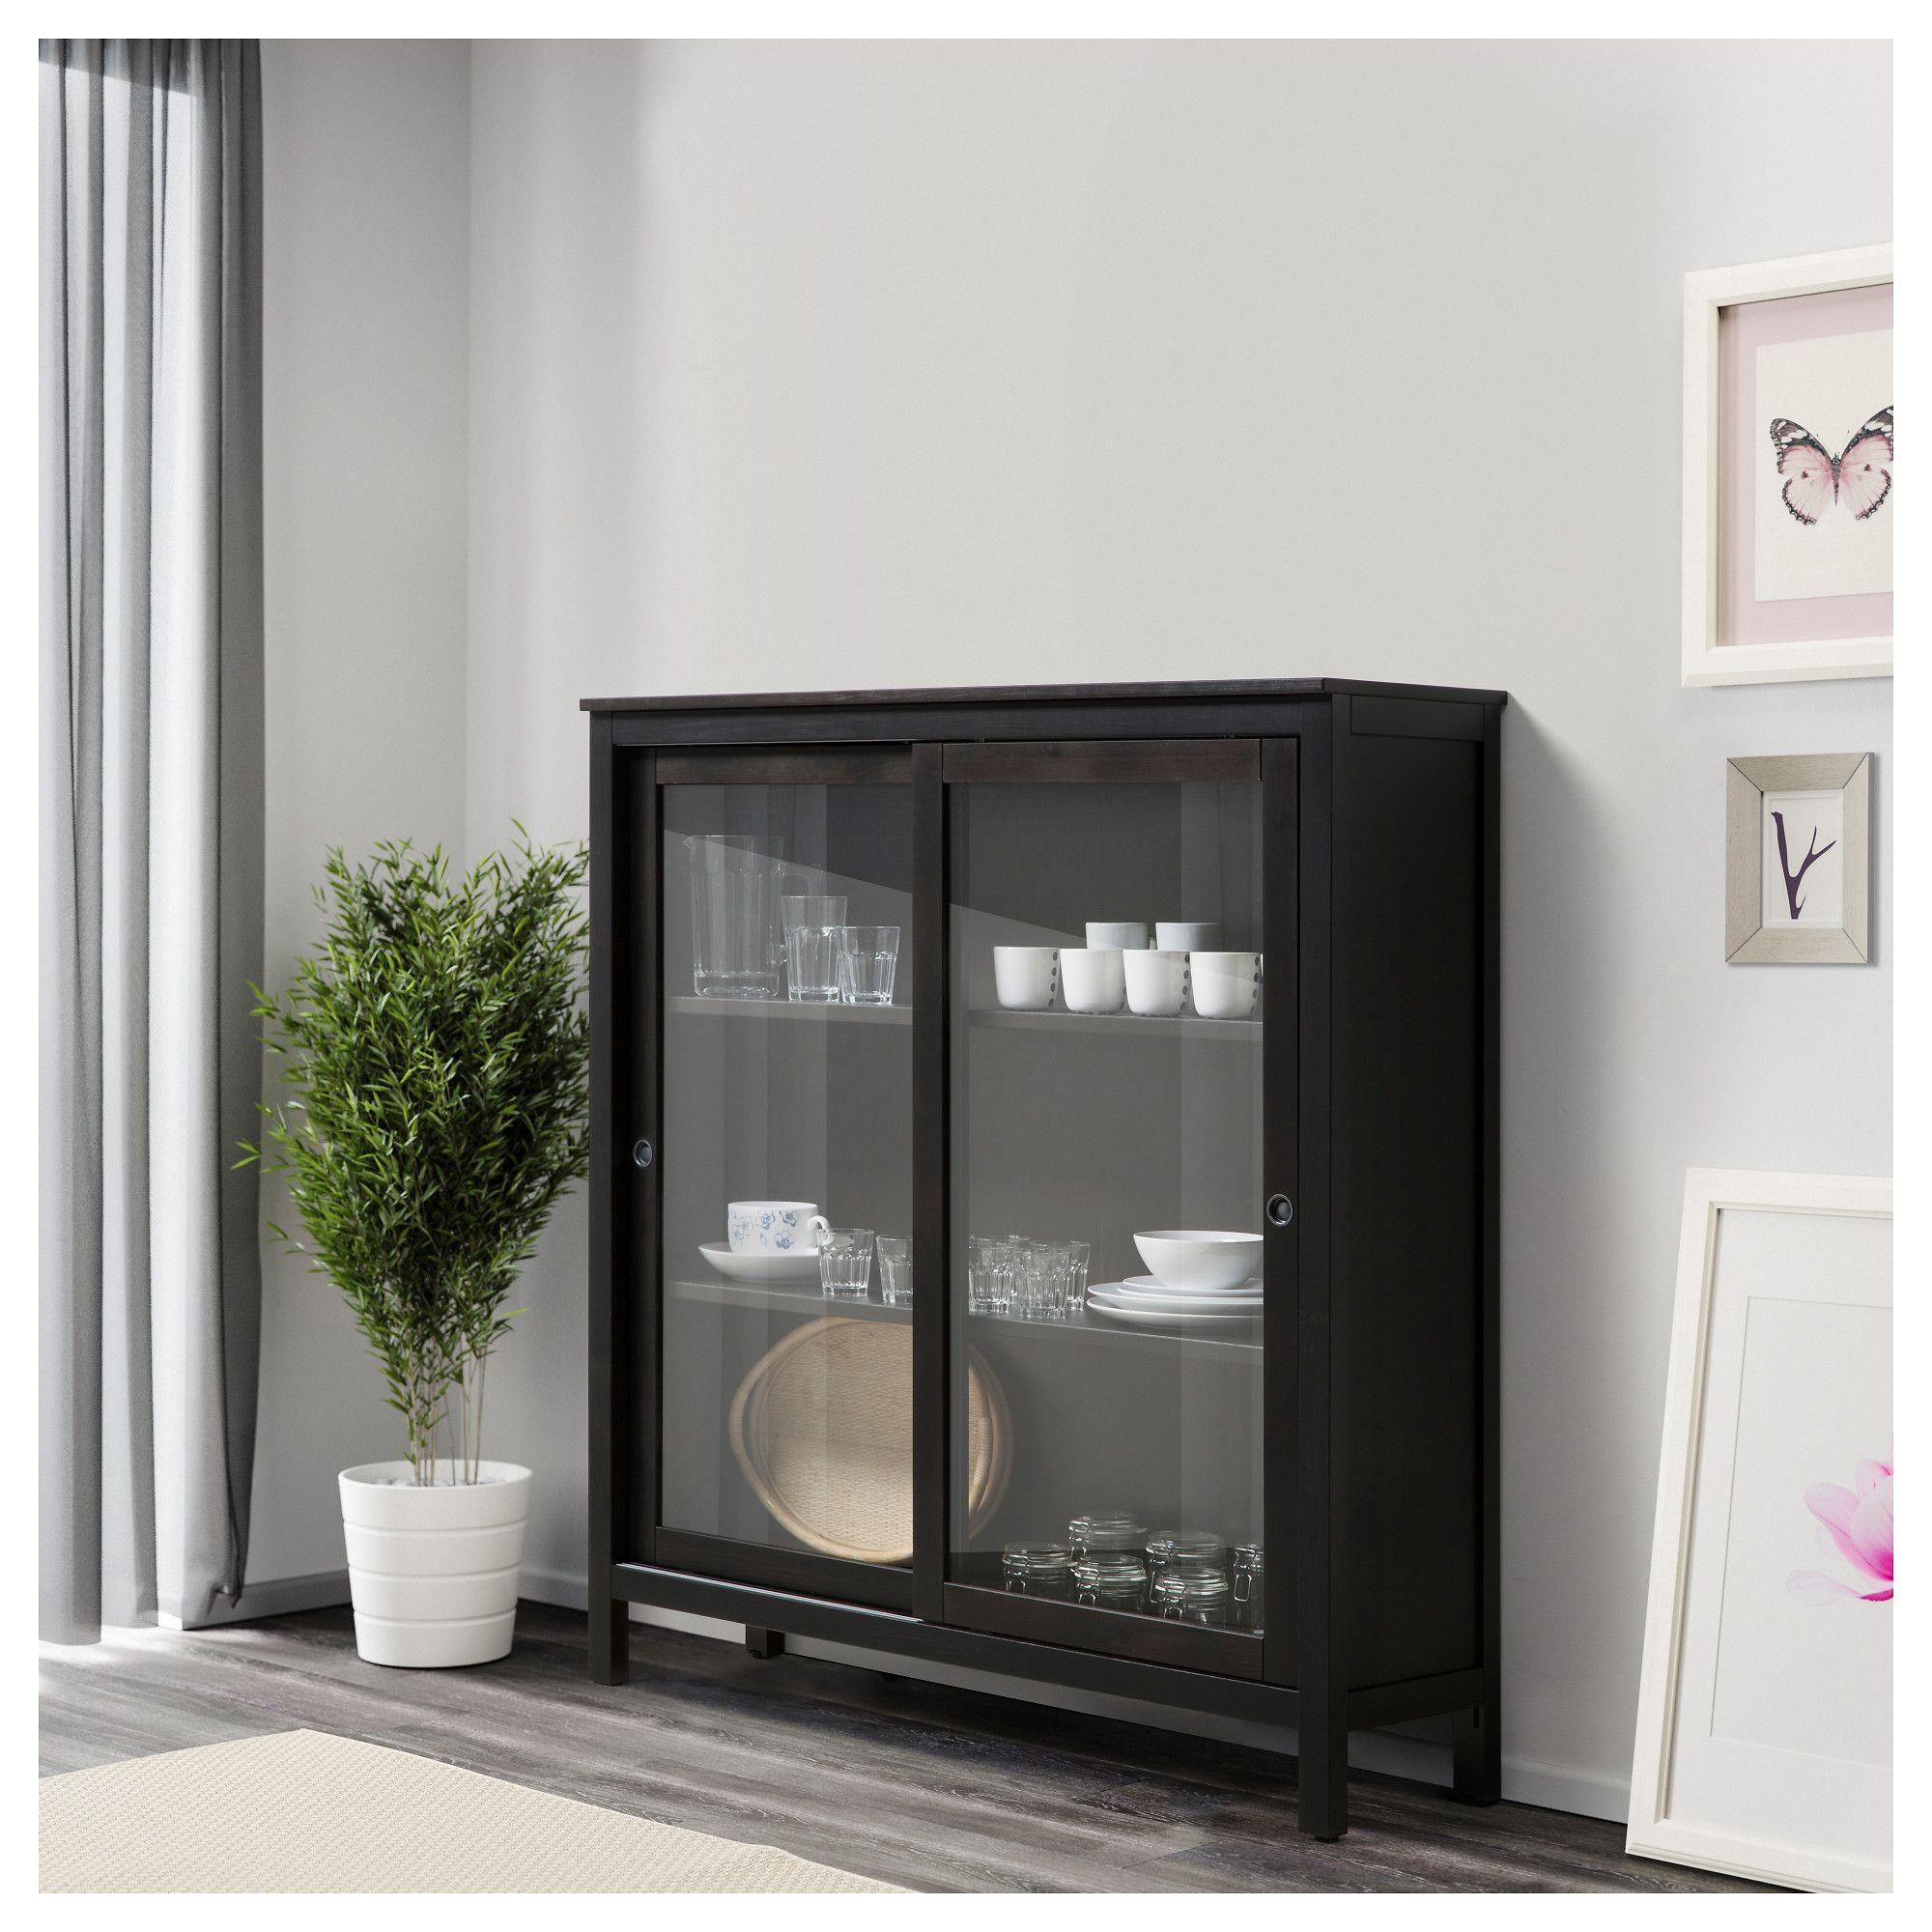 HEMNES Glass-door cabinet Black-brown 120x130 cm | HEMNES, Sliding ...